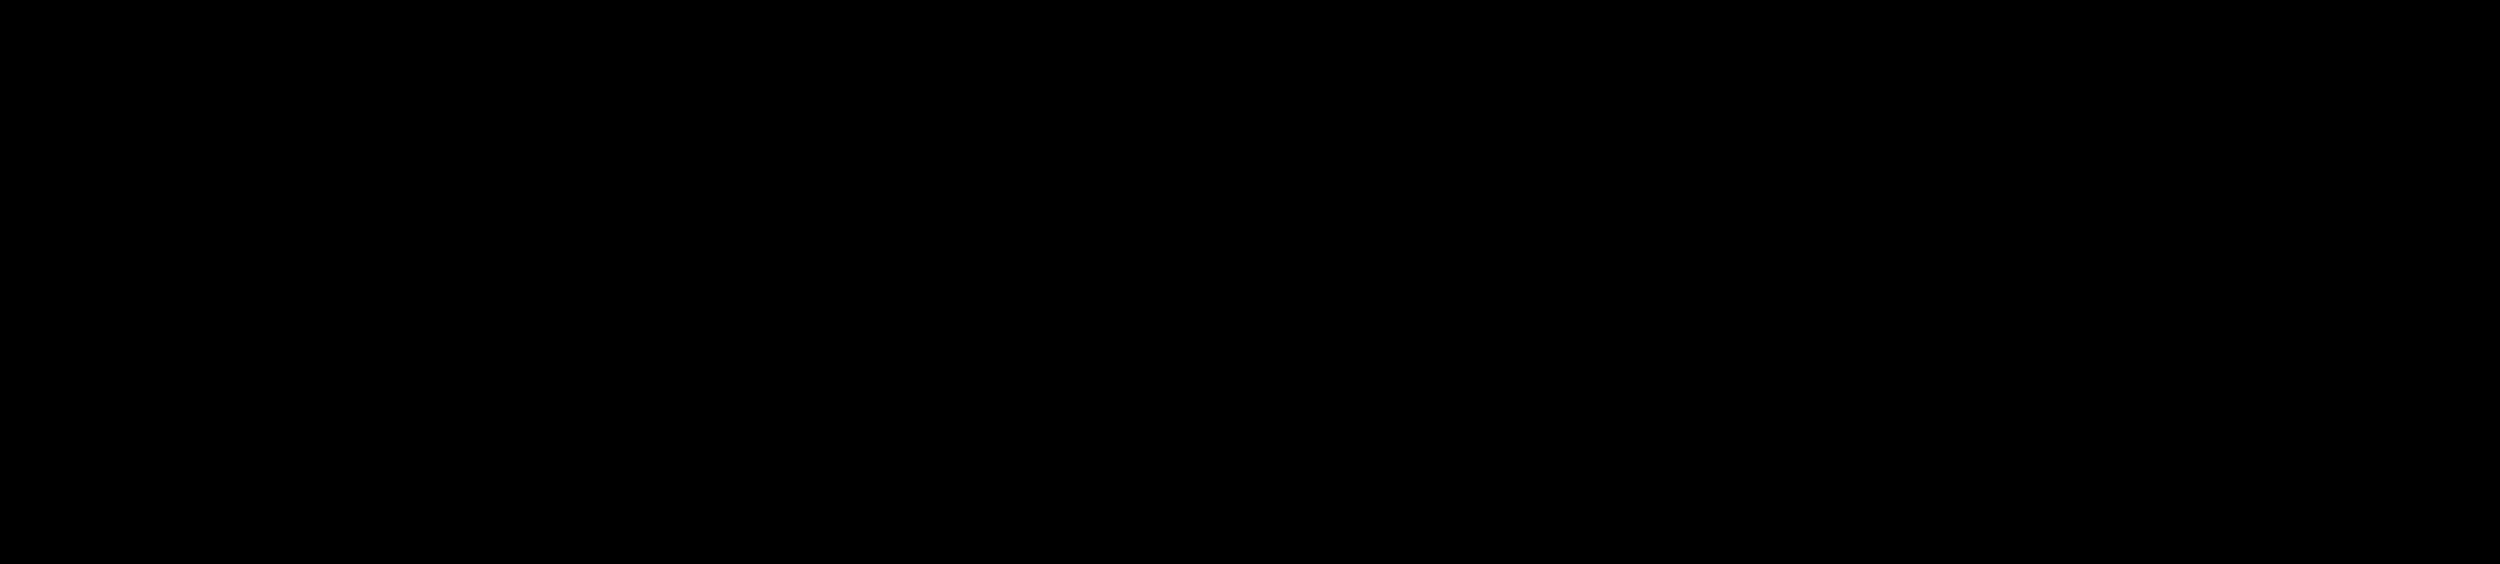 Yamaha_logo_transparent_bg_4112x928px.png